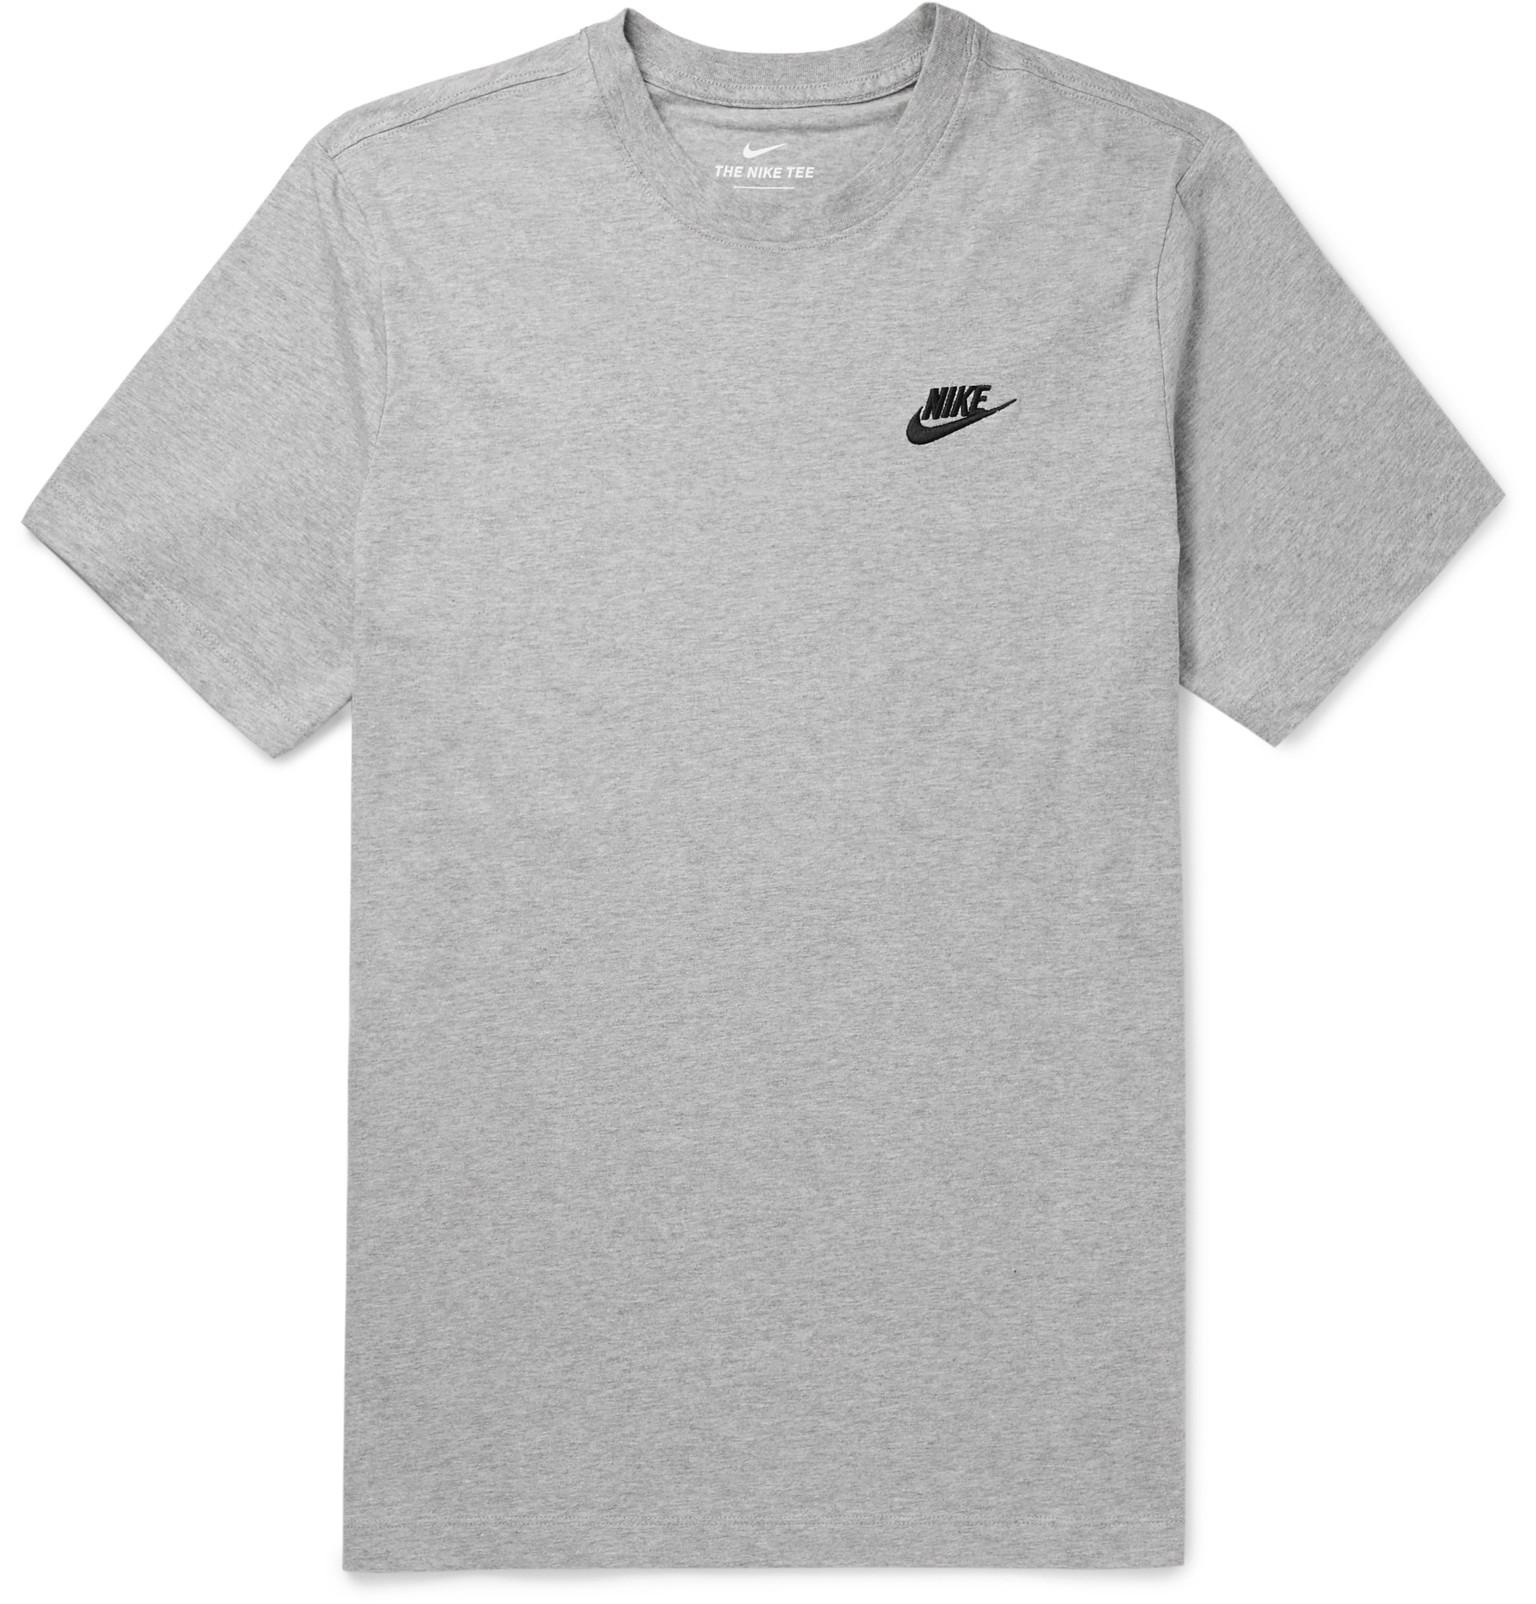 plain black nike shirt